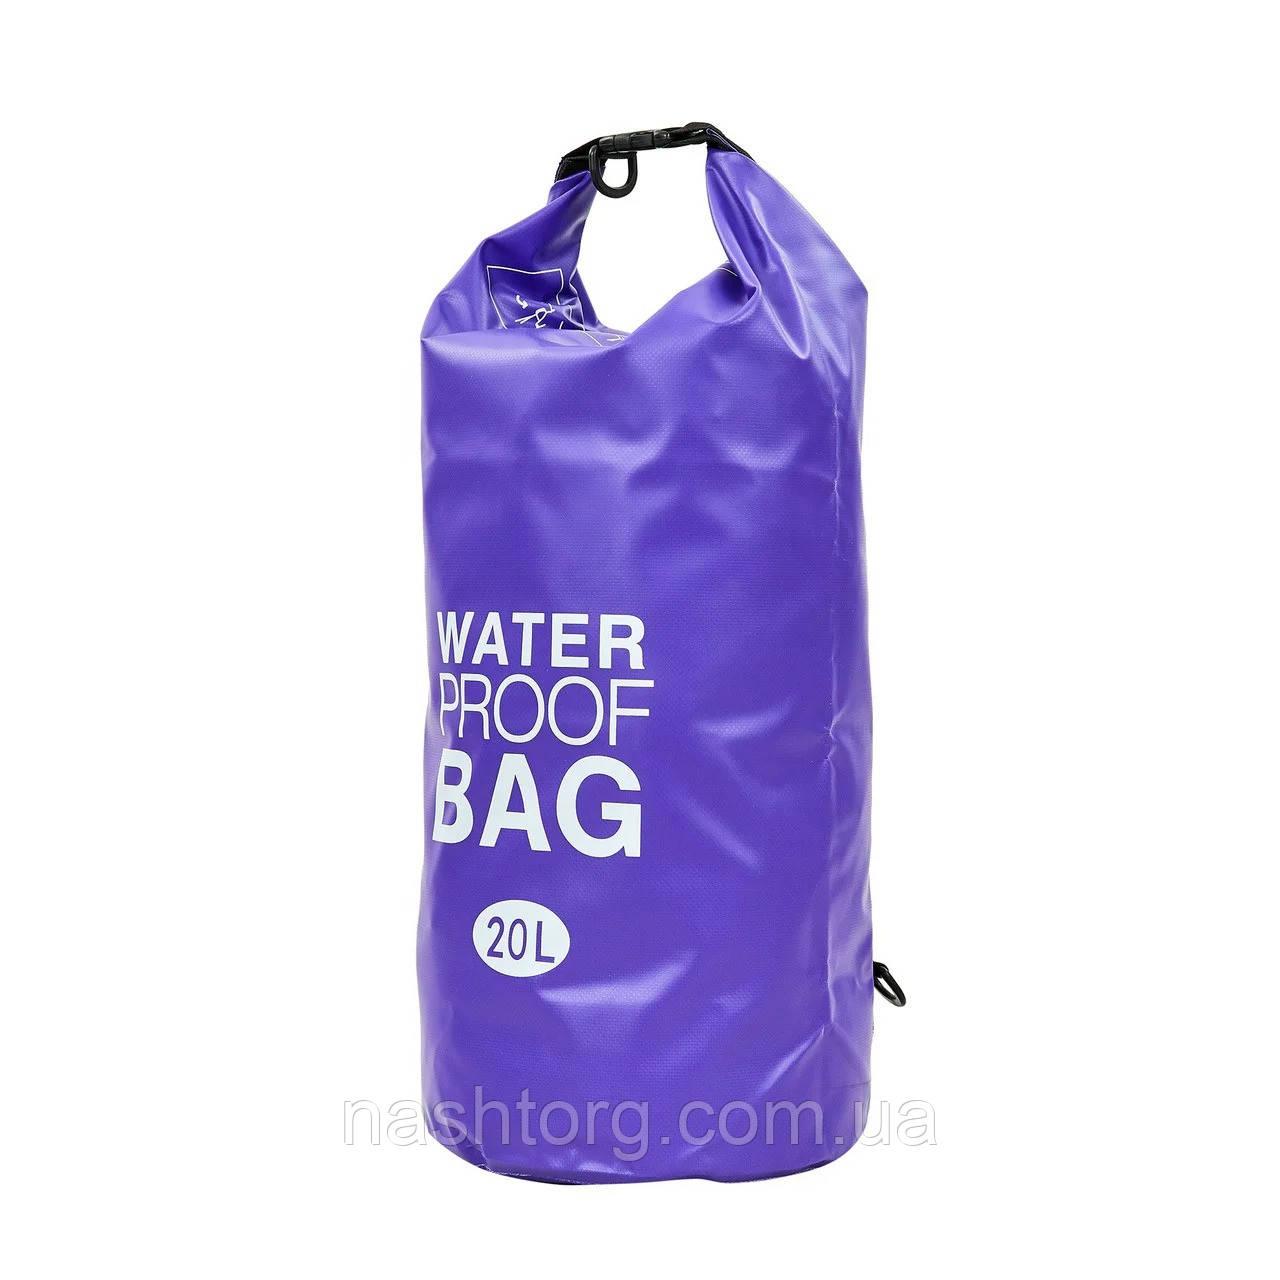 Распродажа! Гермомешок для вещей, воды Water Proof Bag 20 л Фиолетовый, водонепроницаемый рюкзак мешок